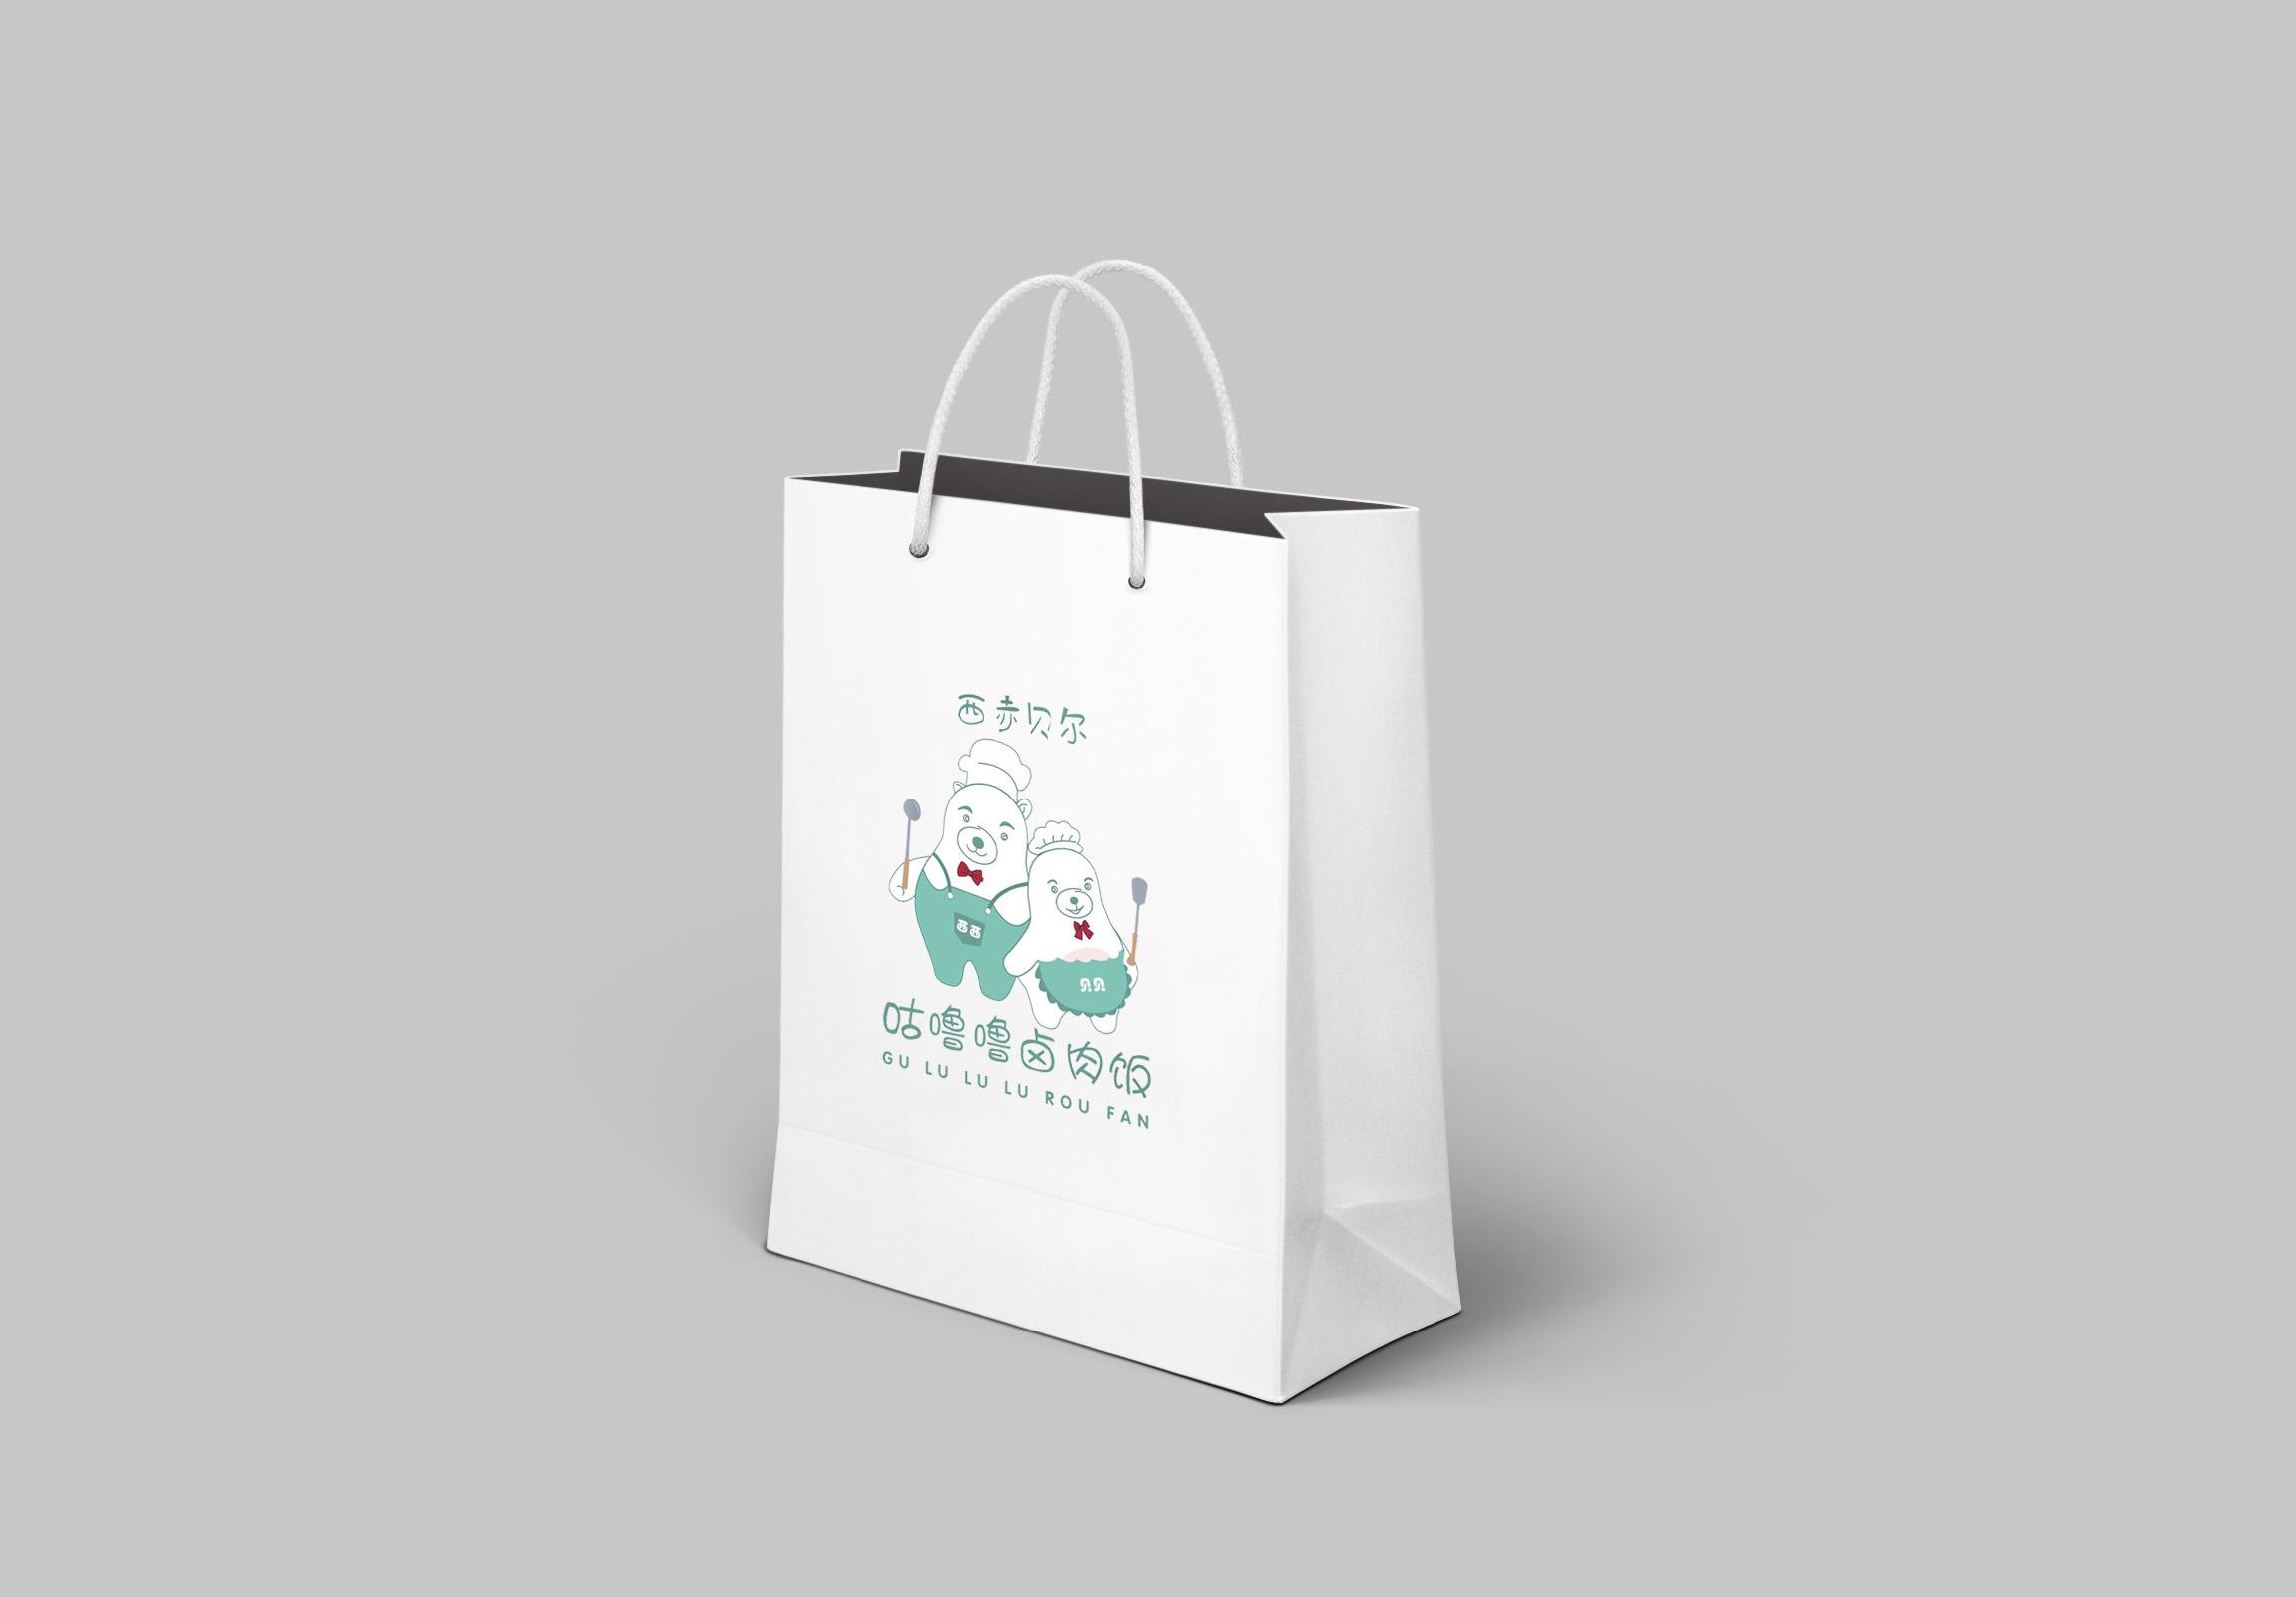 包装 包装设计 购物纸袋 纸袋 2300_1600图片